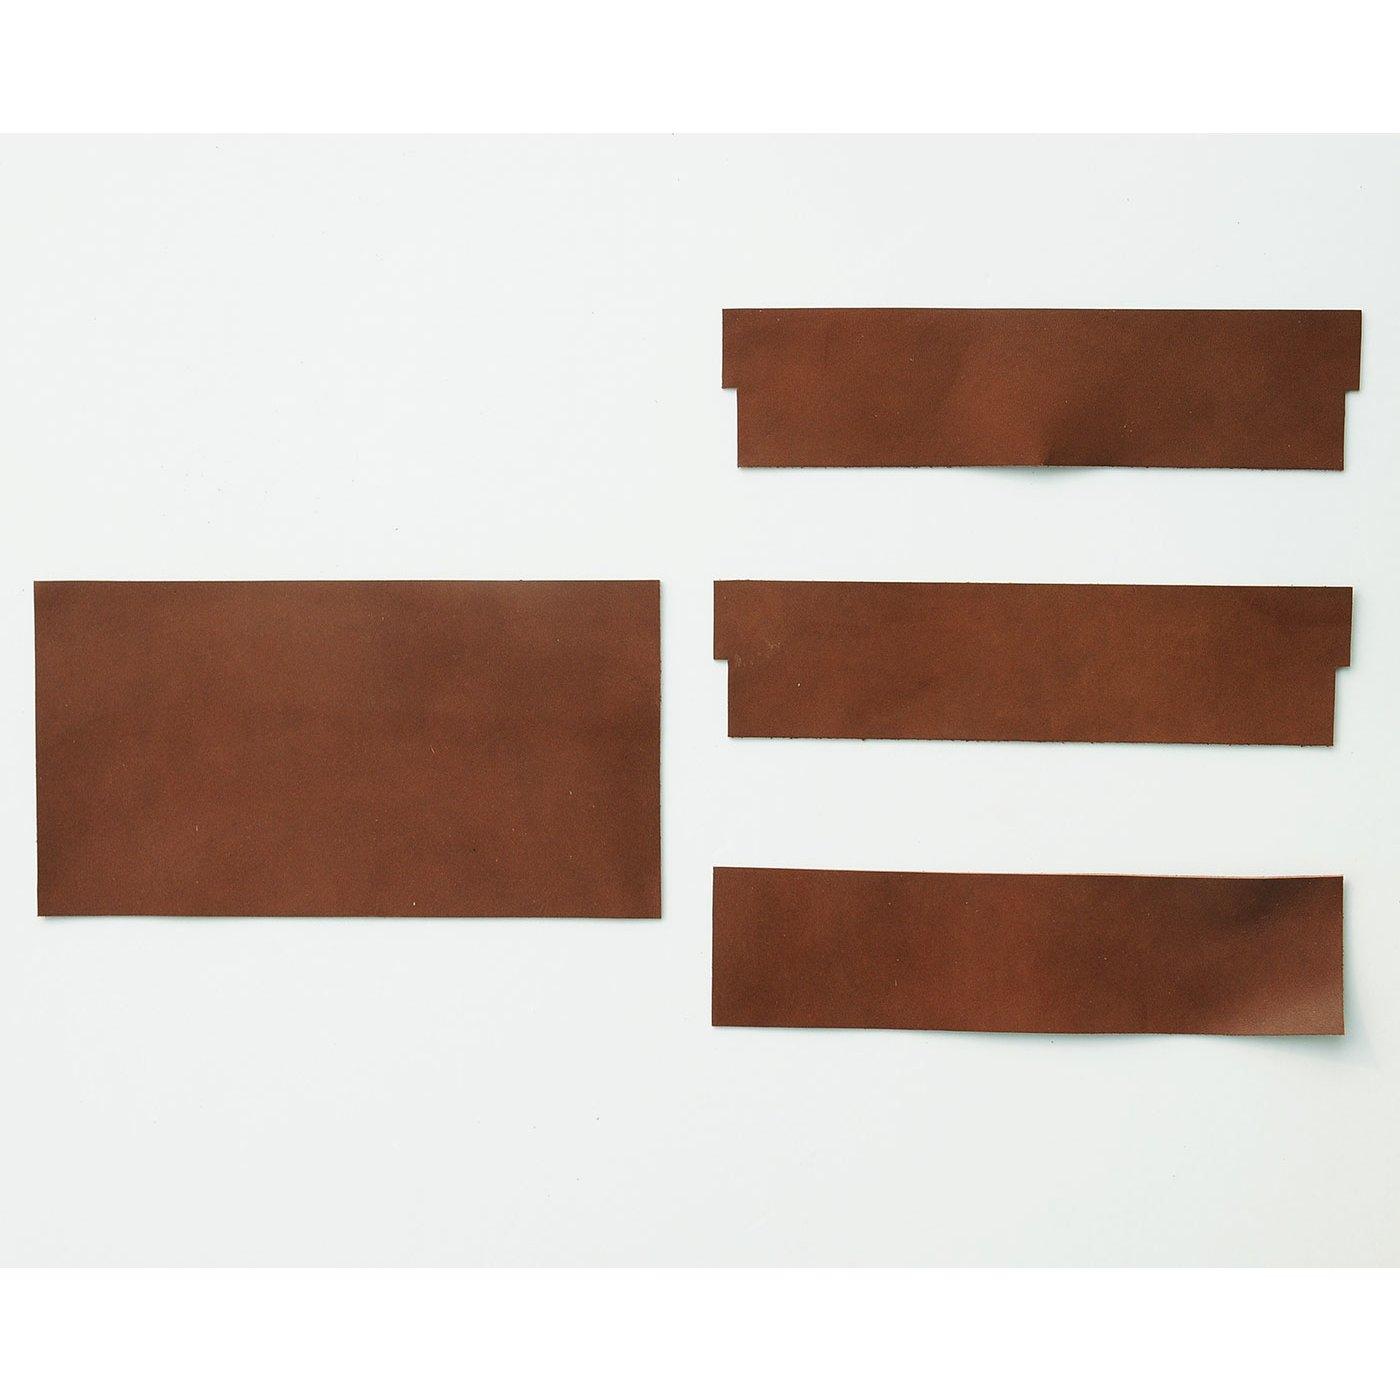 ウォレットショルダー作りレッスン 追加購入用 カードポケット革パーツ セット